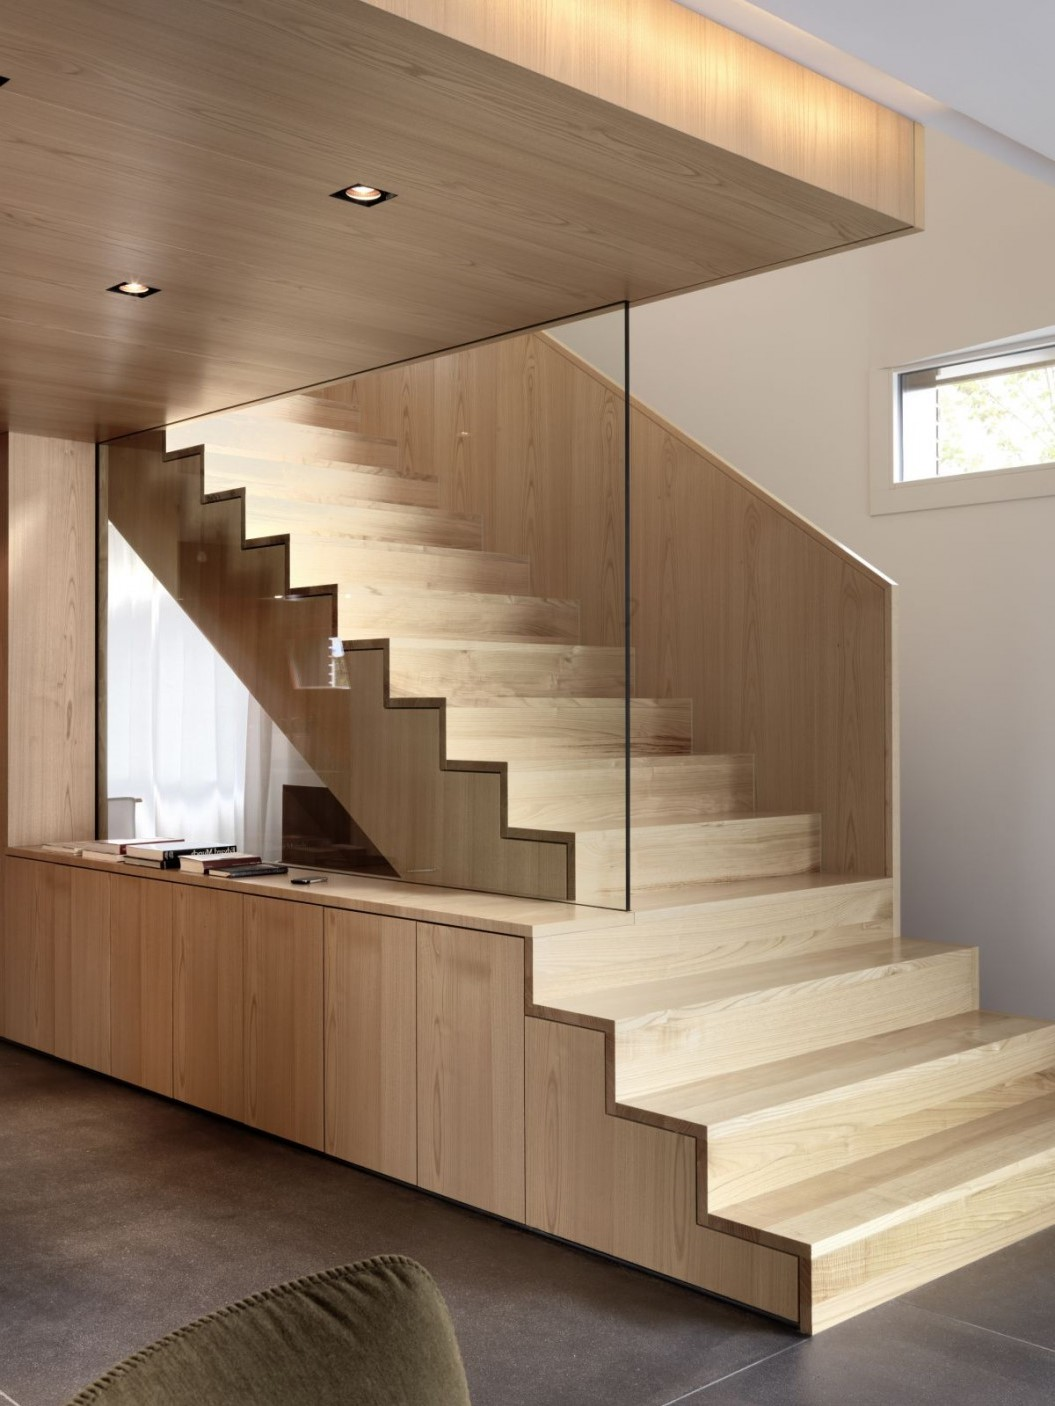 Pensez à placer l'œuvre de manière à ce qu'elle ait le plus d'impact, par exemple sur un palier d'escalier lorsque vous montez ou descendez.